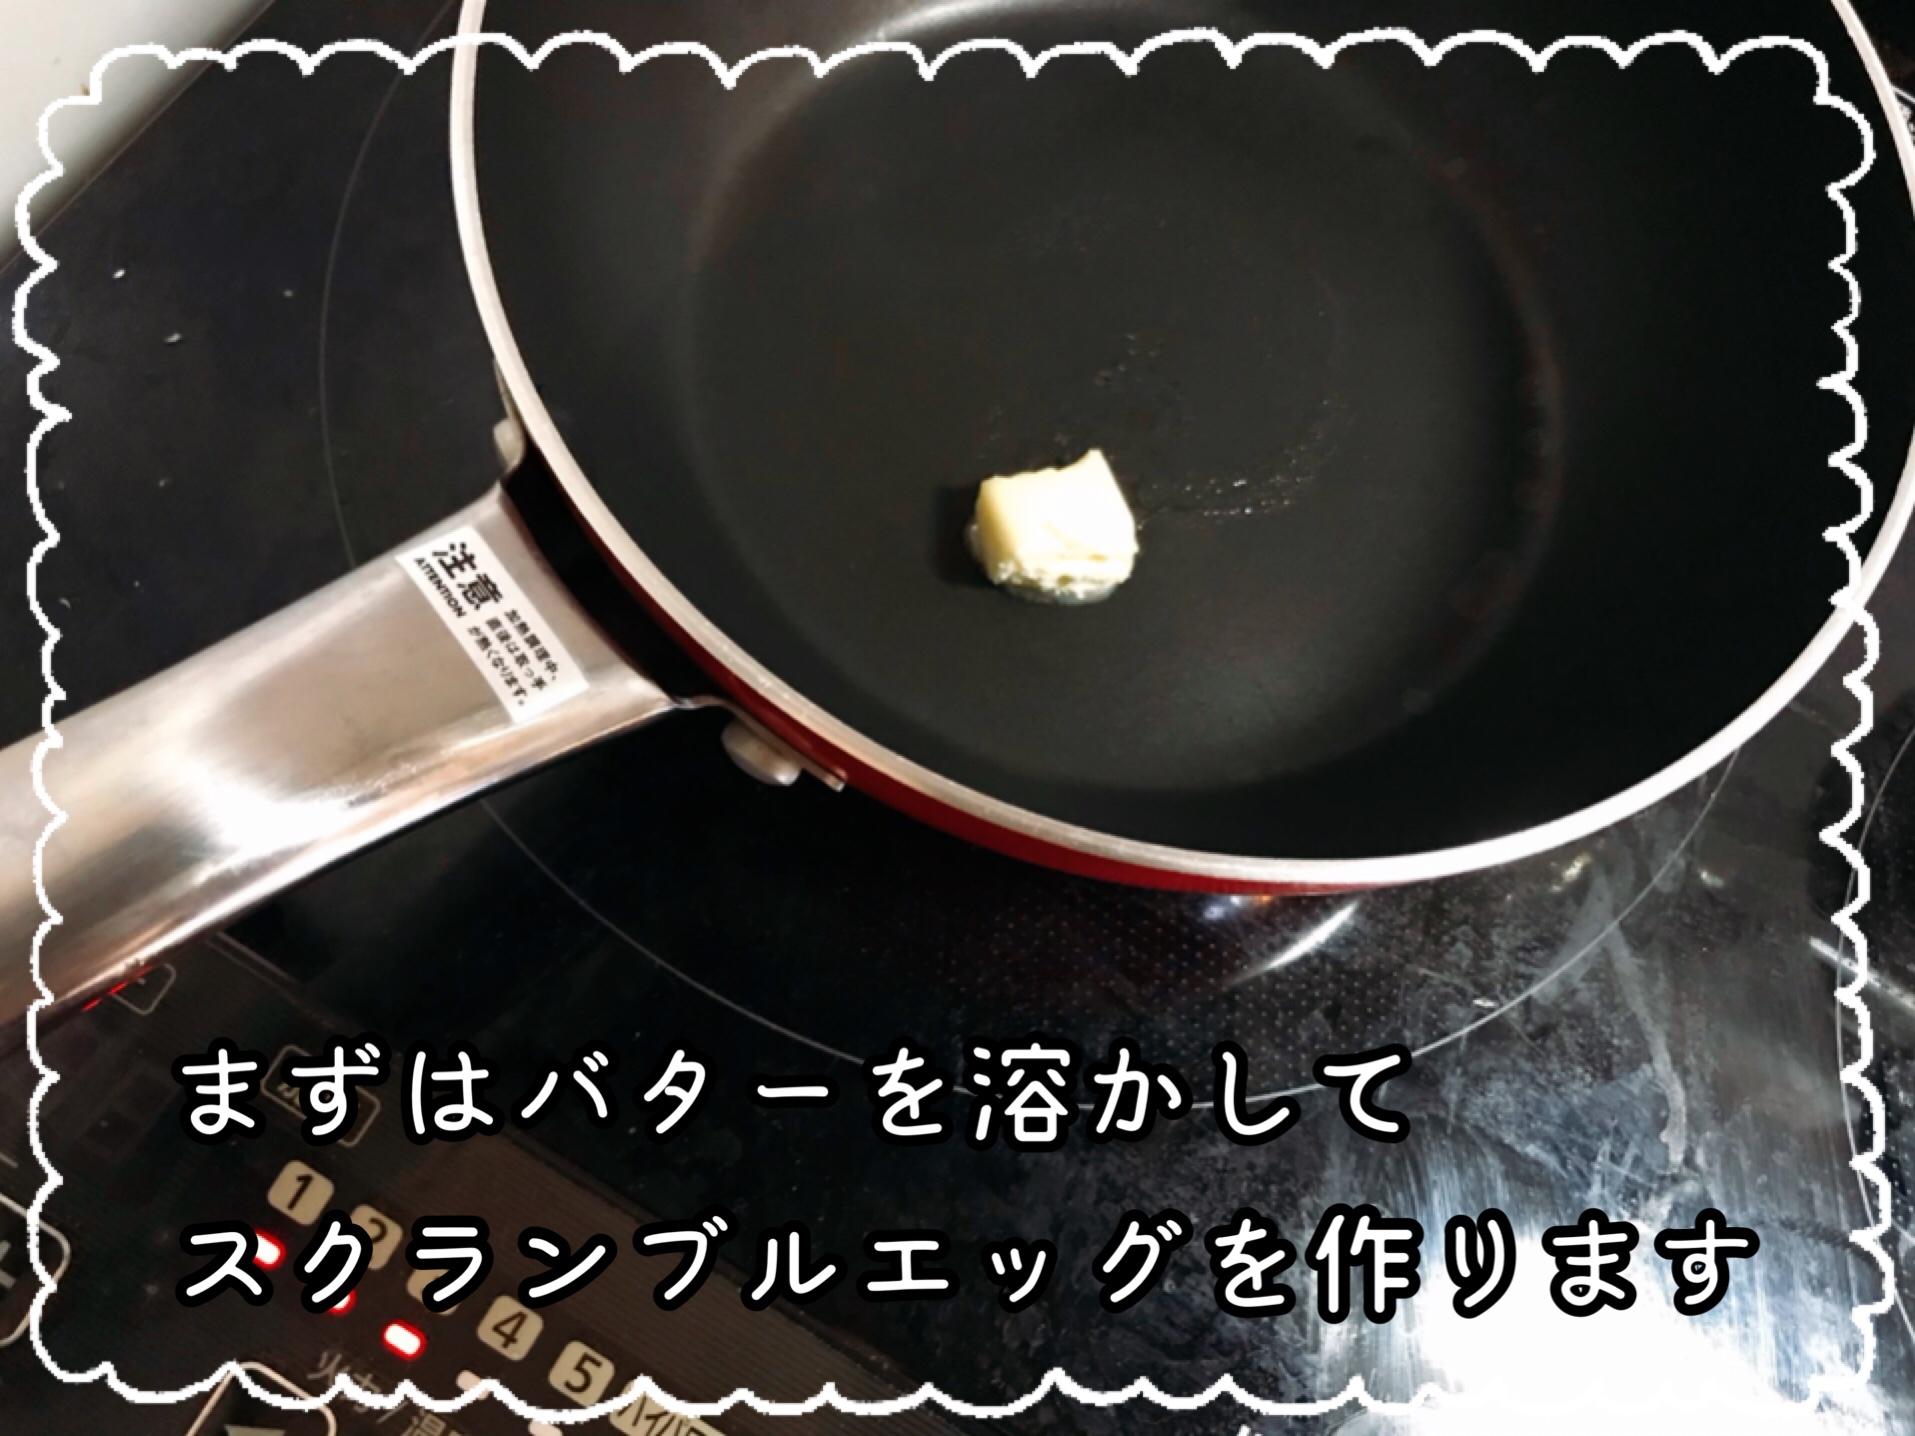 つくし料理